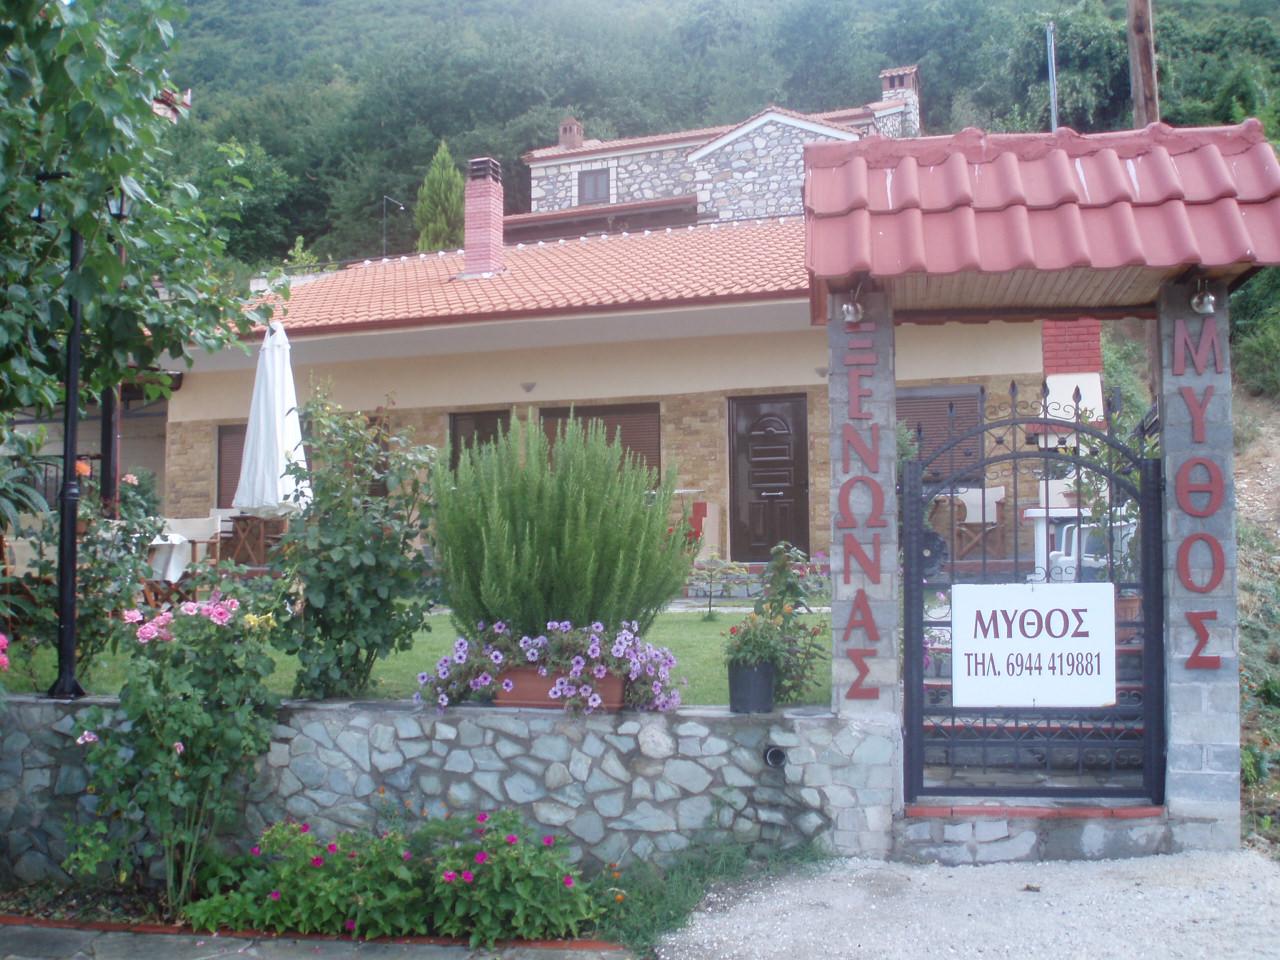 Ξενοδοχεία στην Όρμα Λουτρά Πόζαρ